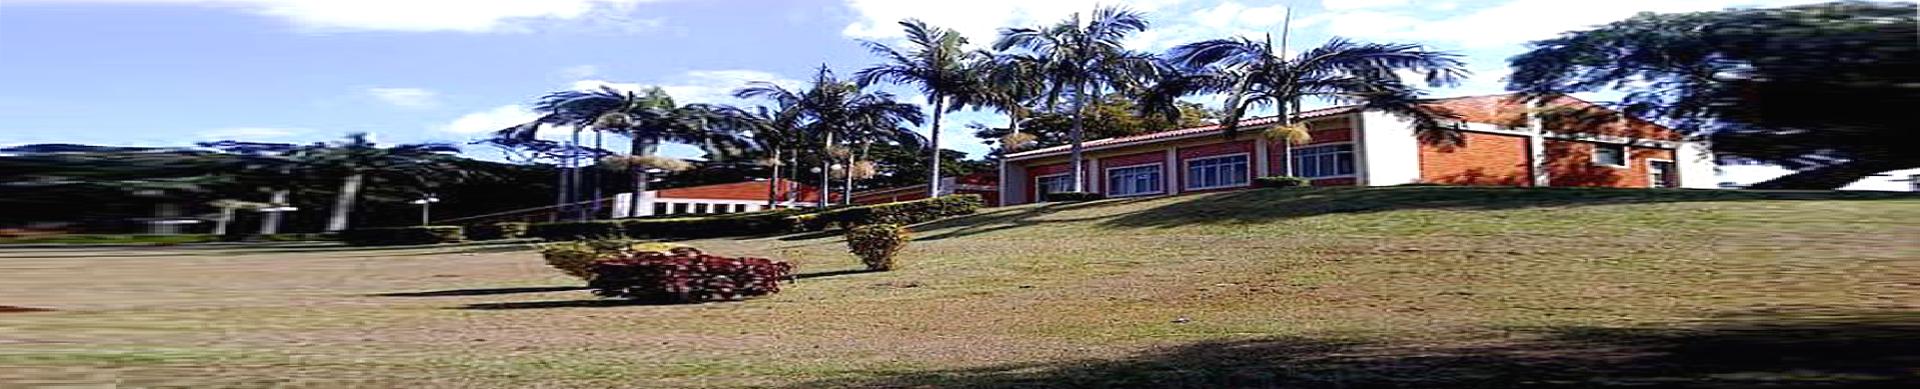 Prefeitura Municipal de Iguatu